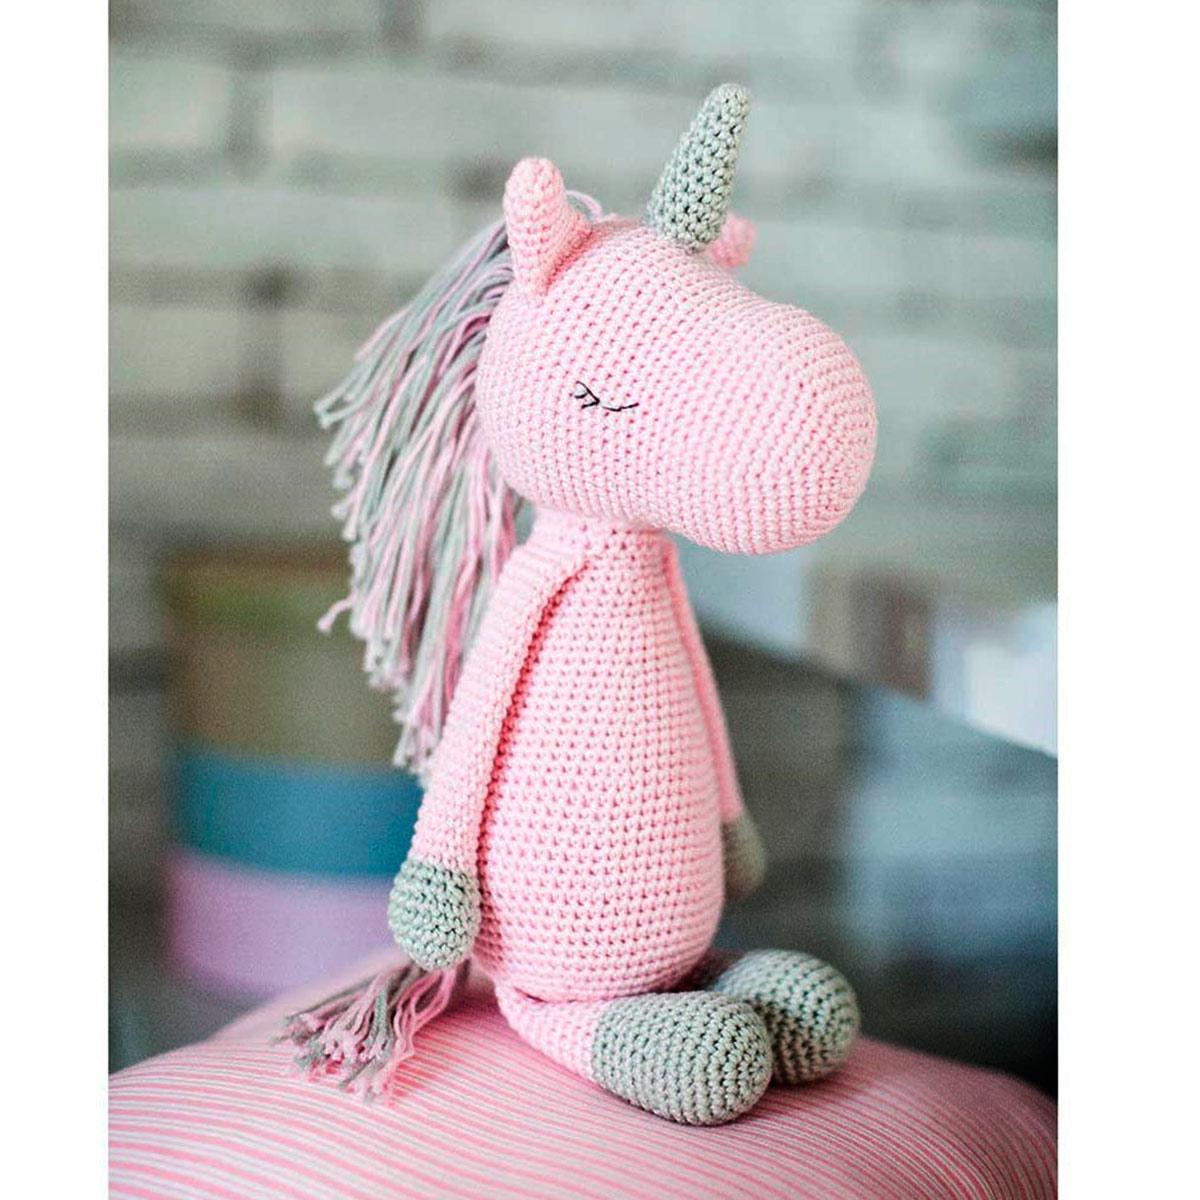 2724095 Амигуруми: Мягкая игрушка 'Единорожик Олби', набор для вязания, 10*4*14 см